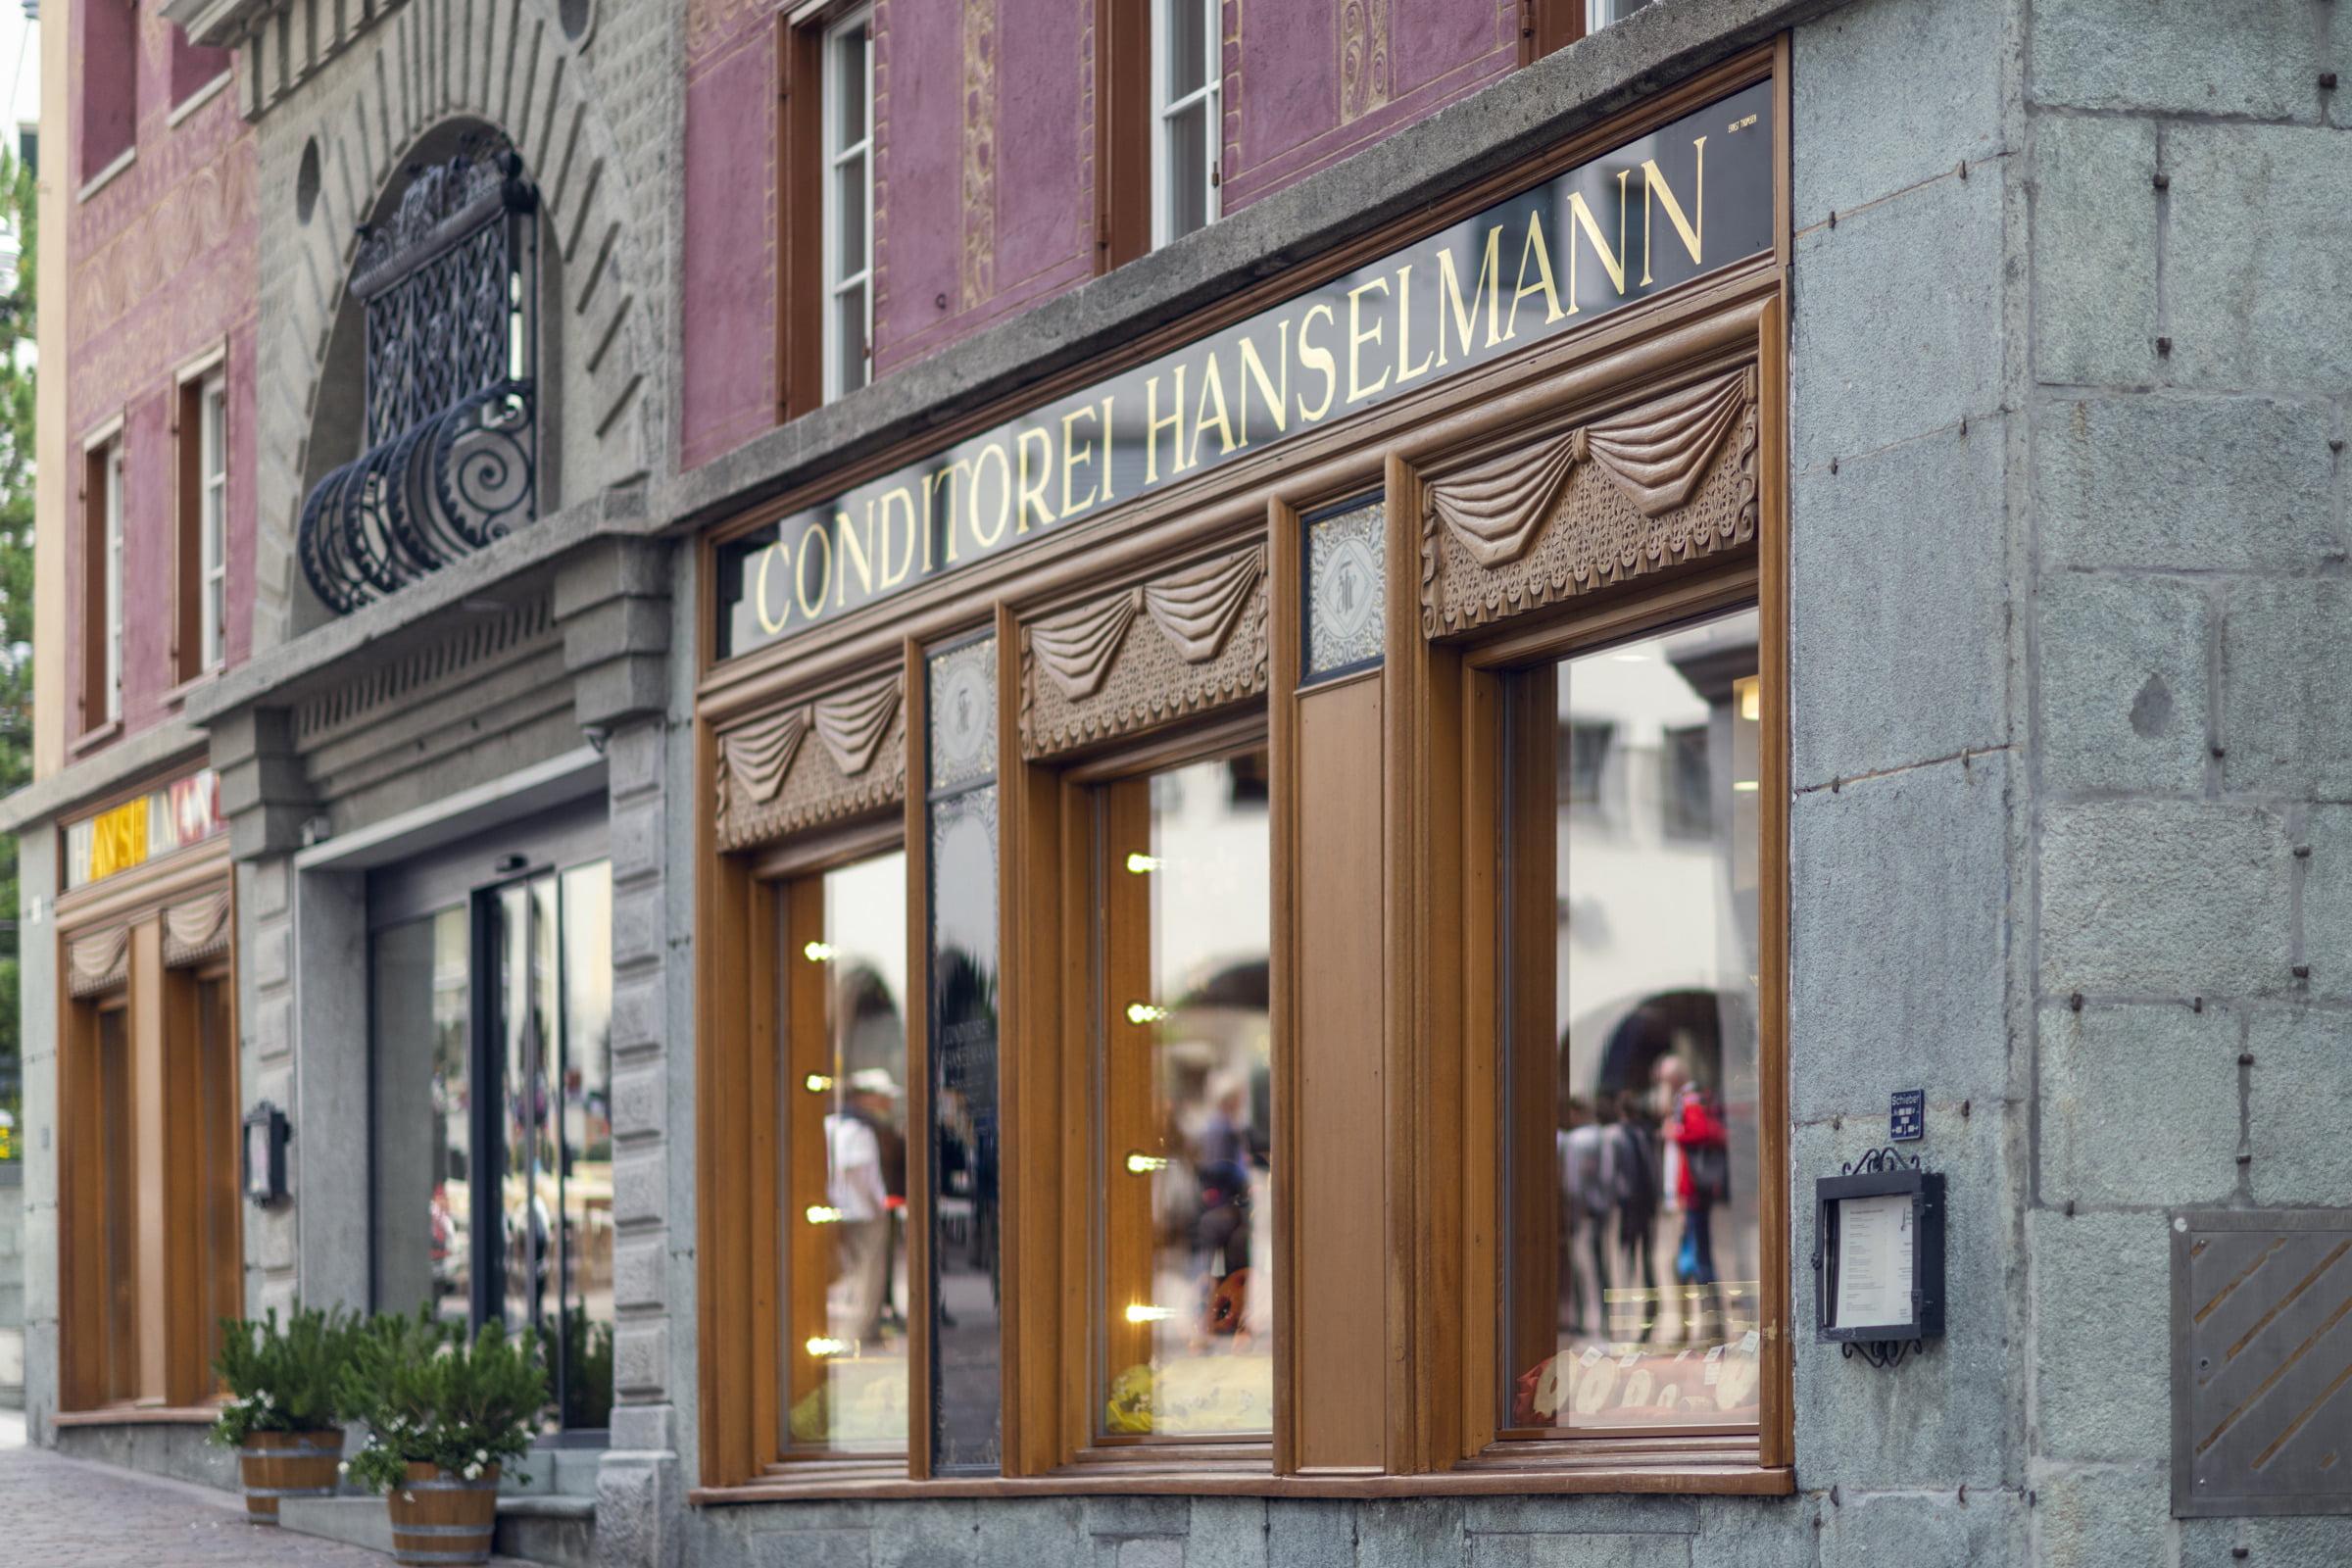 Konditorei Hanselmann